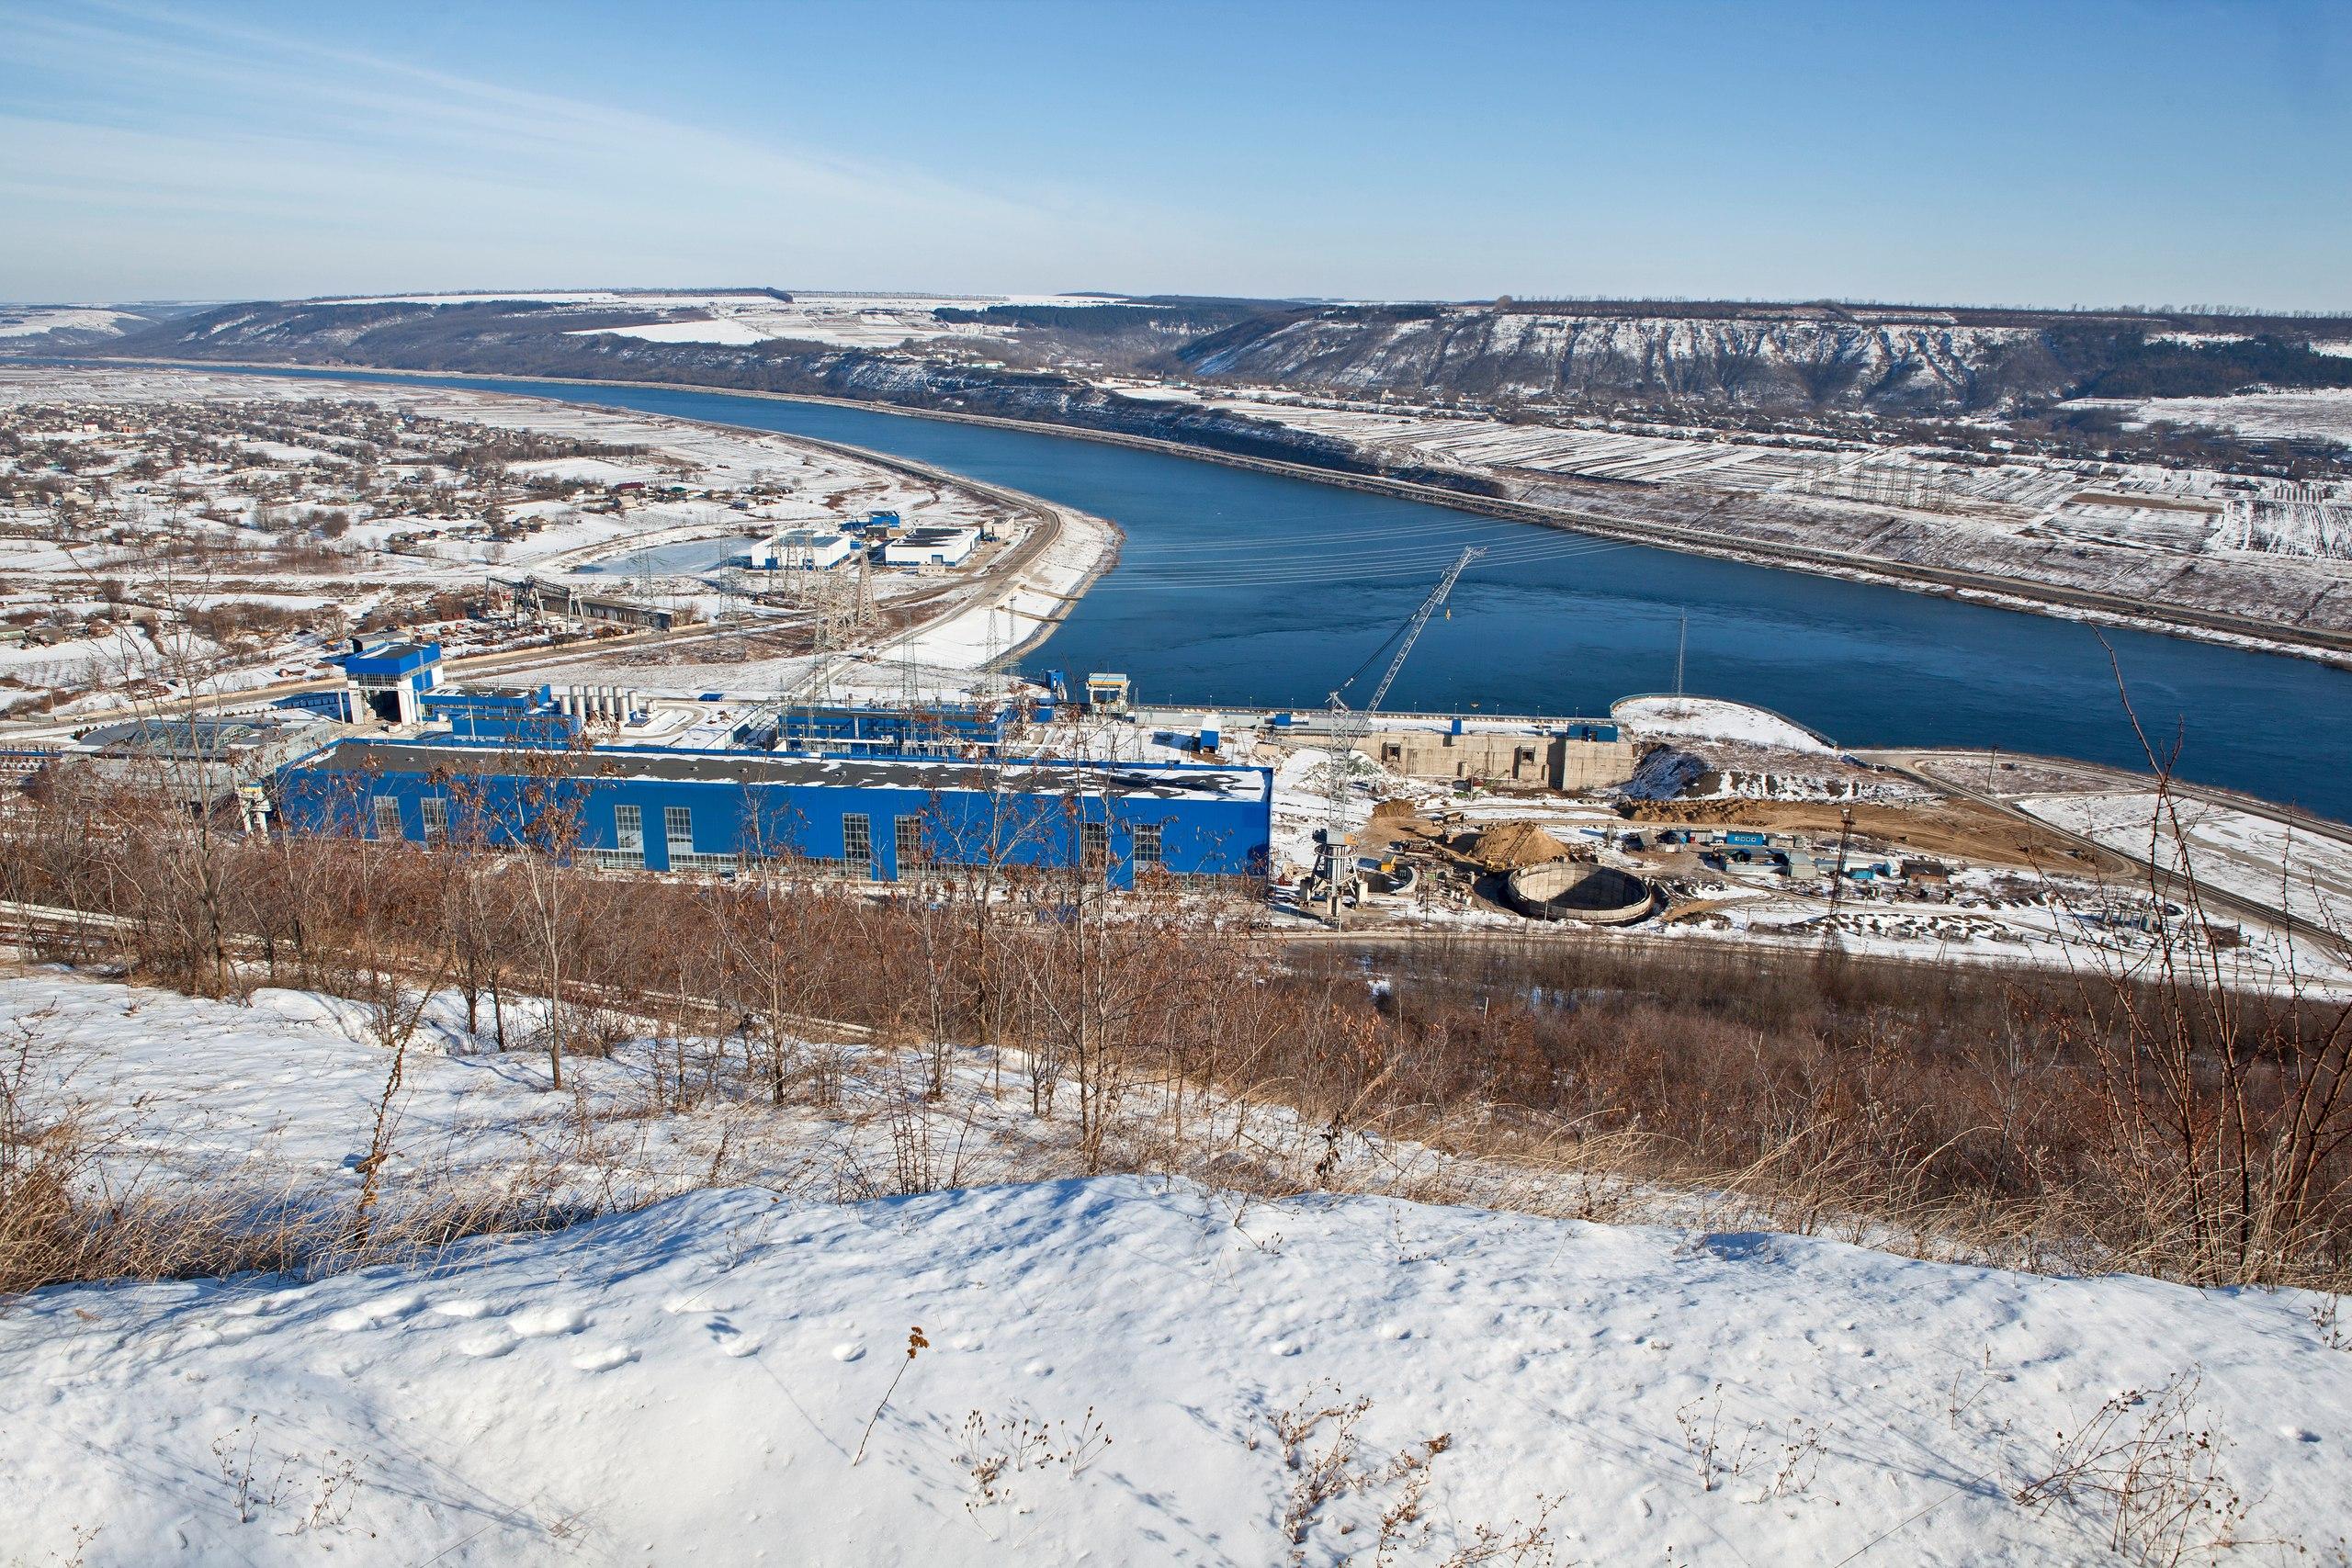 Як триватиме будівництво Дністровської ГАЕС. Депутати обговорюють соцпереваги та еко-застереження (ФОТО)